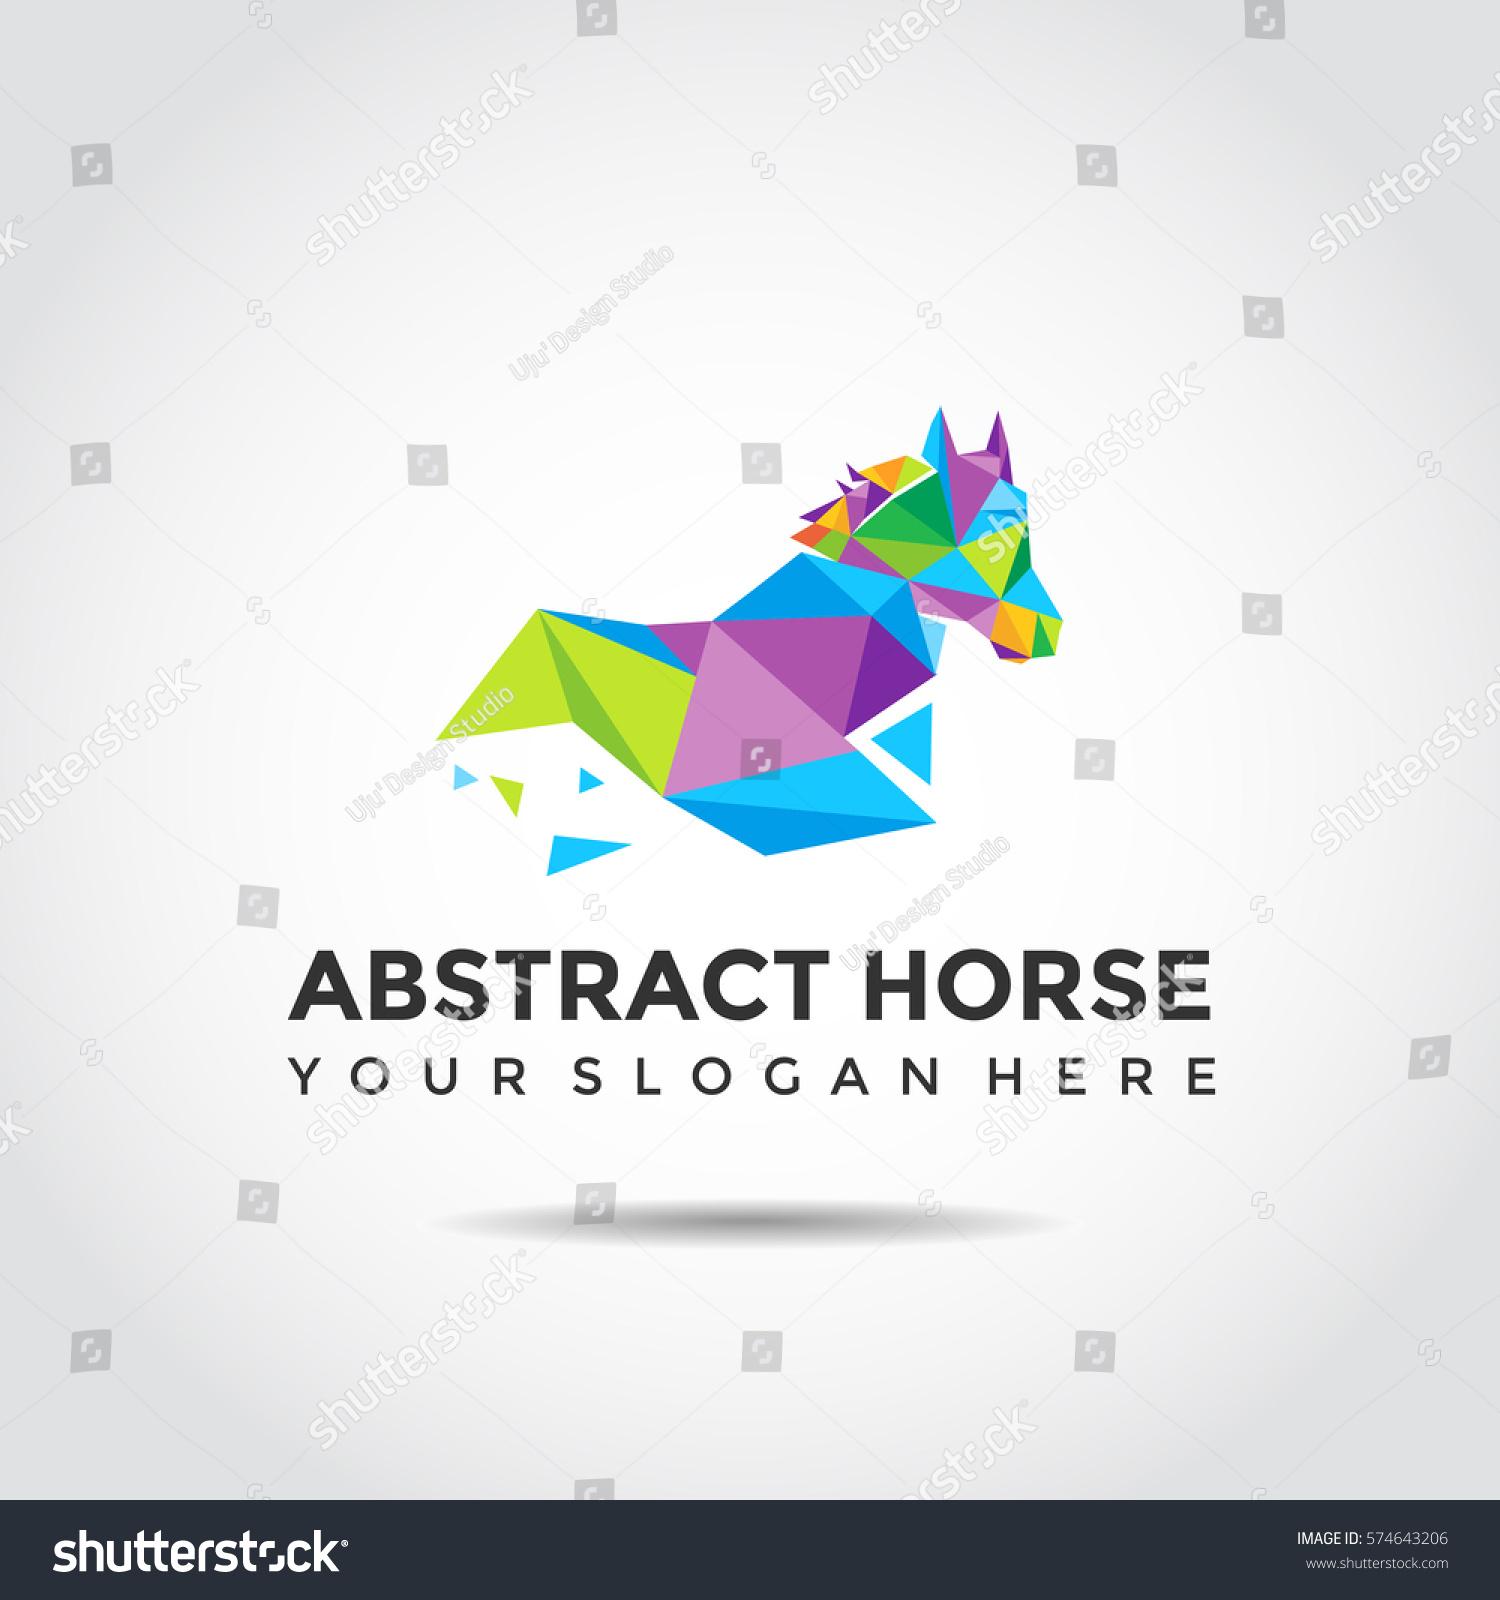 Vector De Stock Libre De Regalias Sobre Abstract Horse Logo Template Polygon Style574643206